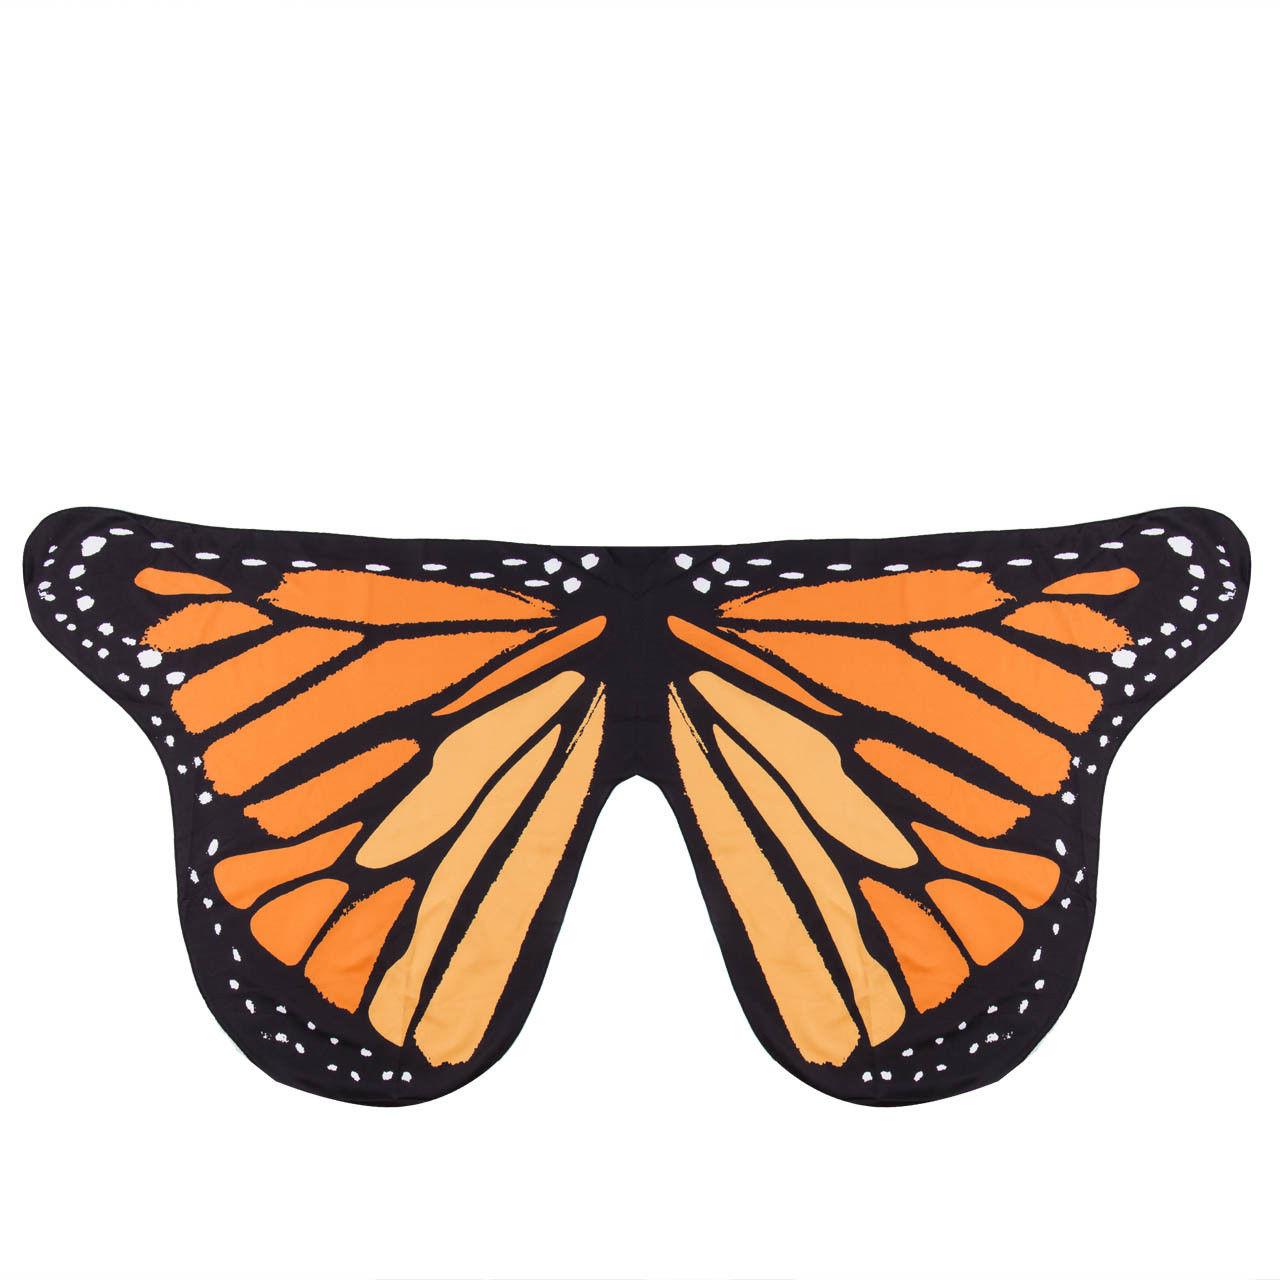 Pudcoco Детский шарф для девочек красивое крыло шаль бабочки шарфы летнее пляжное пончо костюм аксессуар пончо и накидки